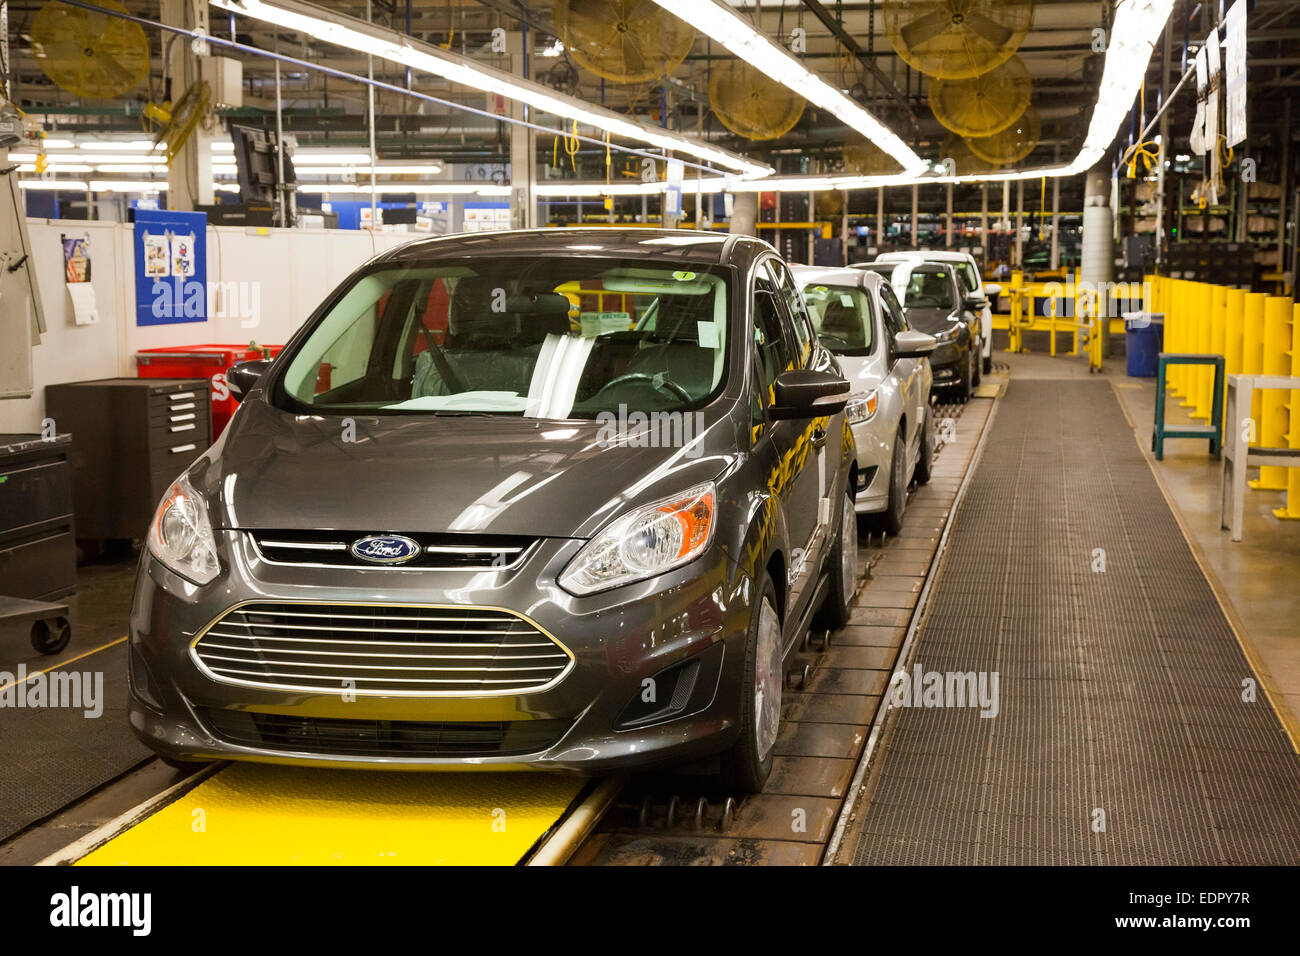 Wayne, Michigan - El Ford C-Max híbrido en la planta de ensamblaje de Ford en Michigan. Imagen De Stock